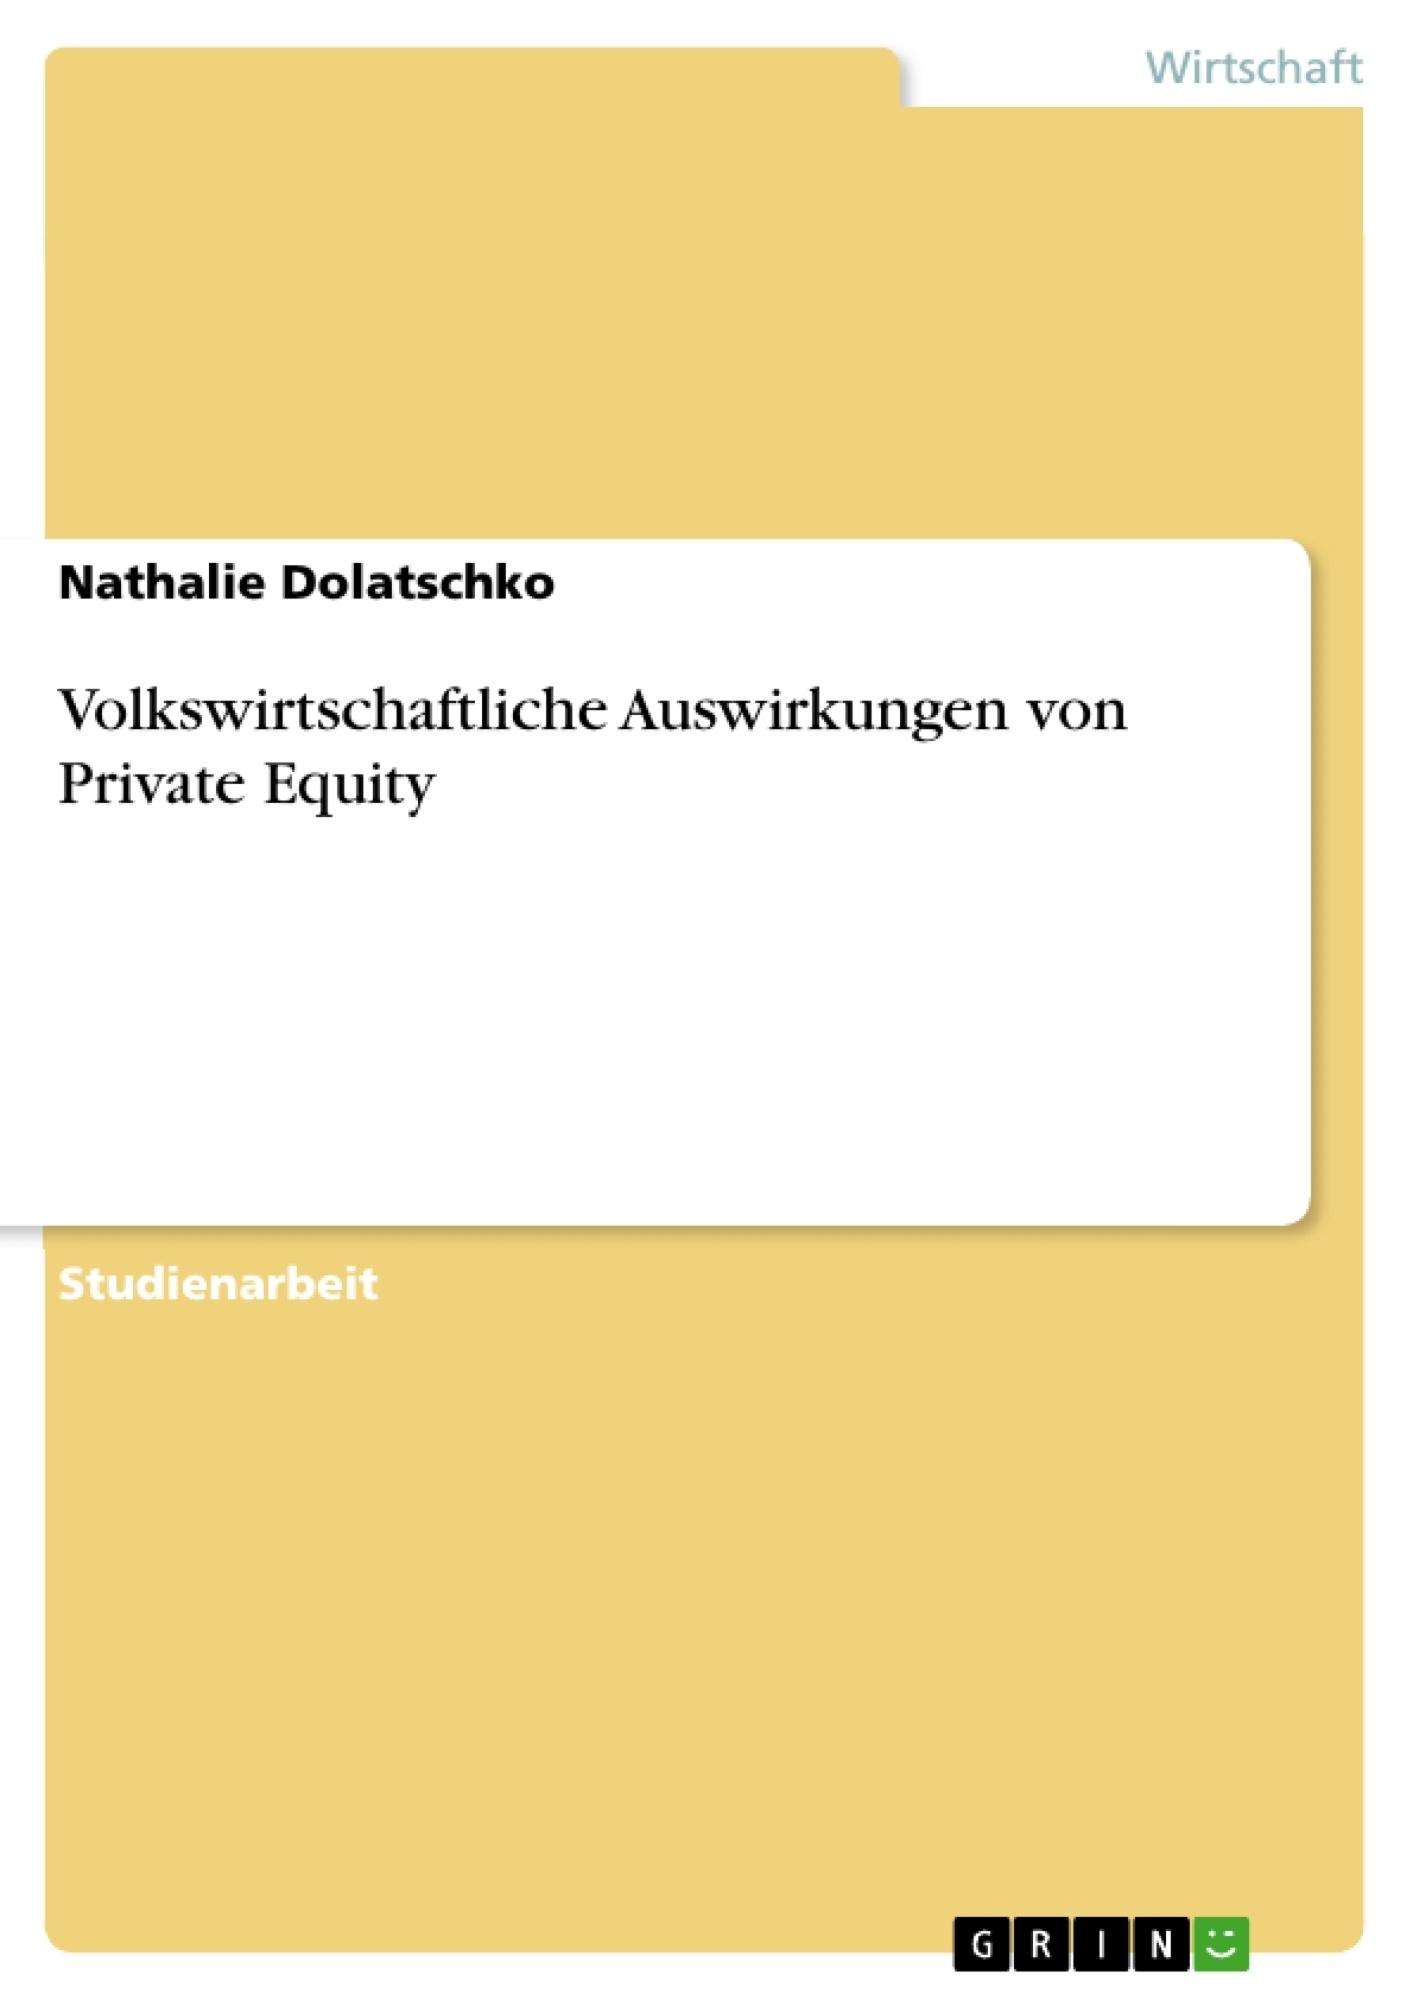 Titel: Volkswirtschaftliche Auswirkungen von Private Equity